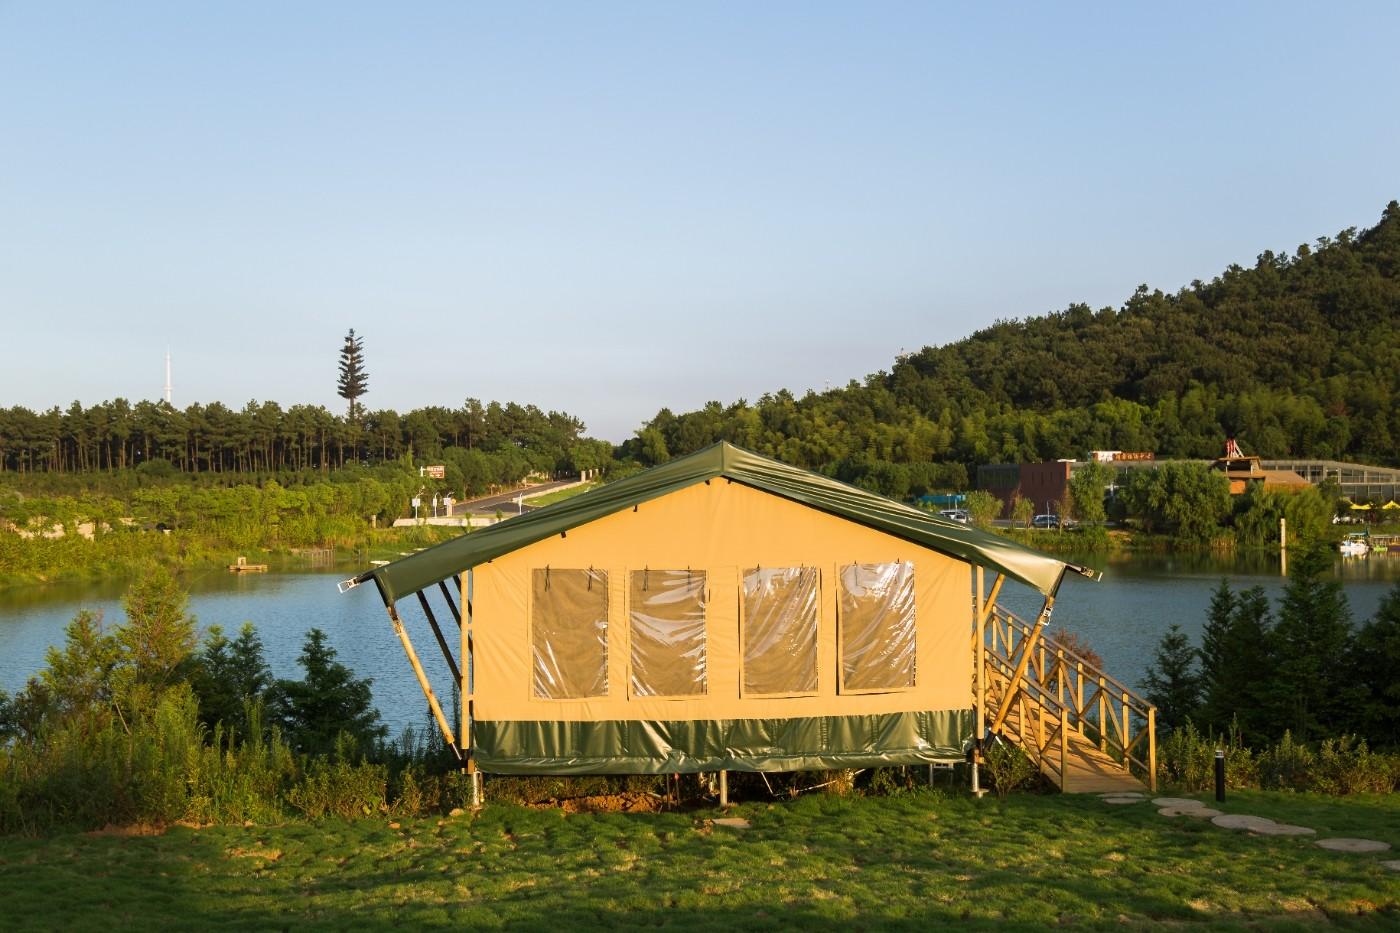 喜马拉雅野奢帐篷酒店—江苏常州茅山宝盛园茶园帐篷酒店5